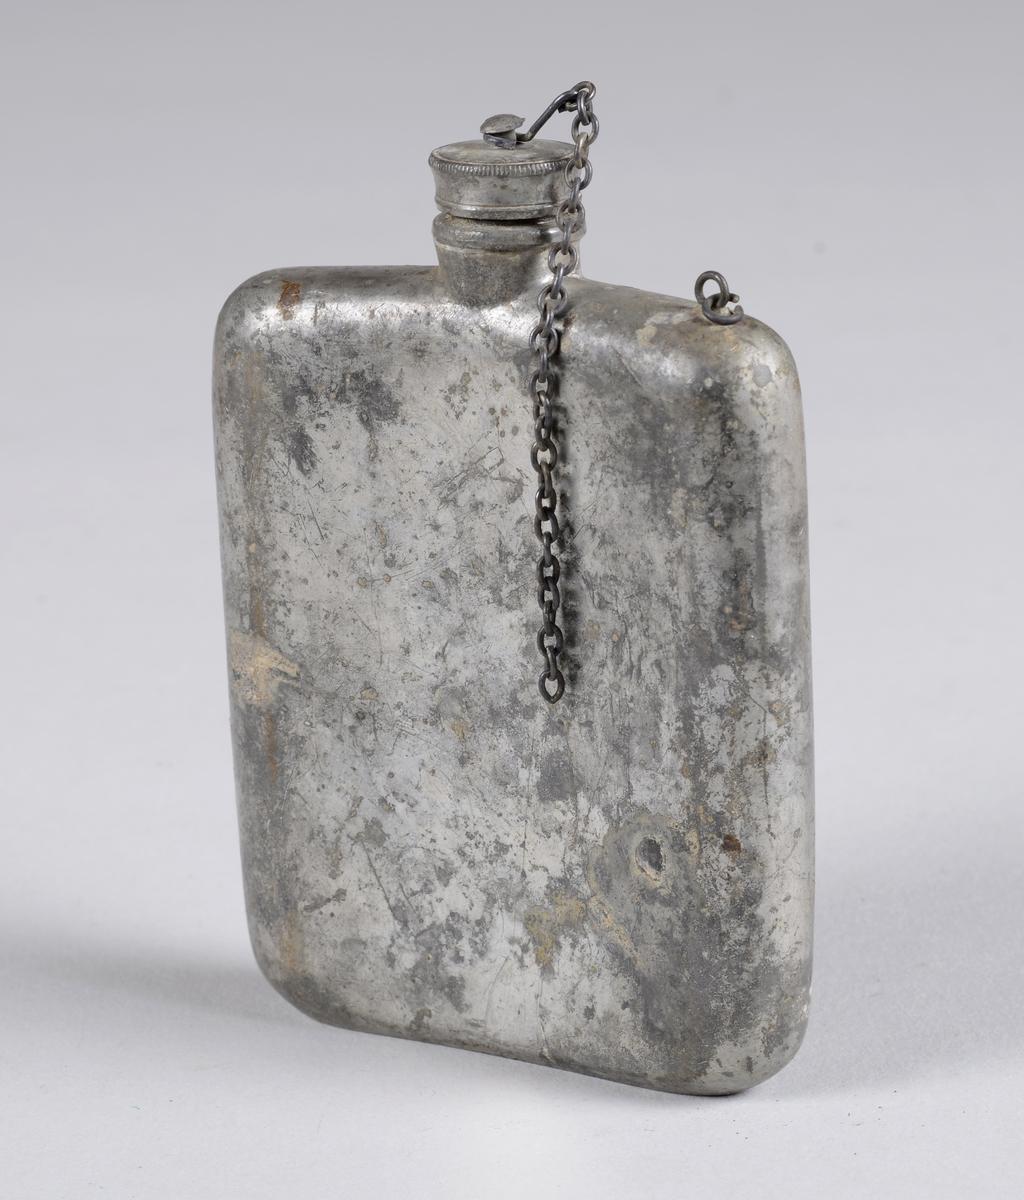 Flat rektangulær flaske av metall med rundede hjørner- og kanter. Lerka har rund skrukork som har vært festet til flasken med en kjetting. Kjettingen er nå kun festet til korken.